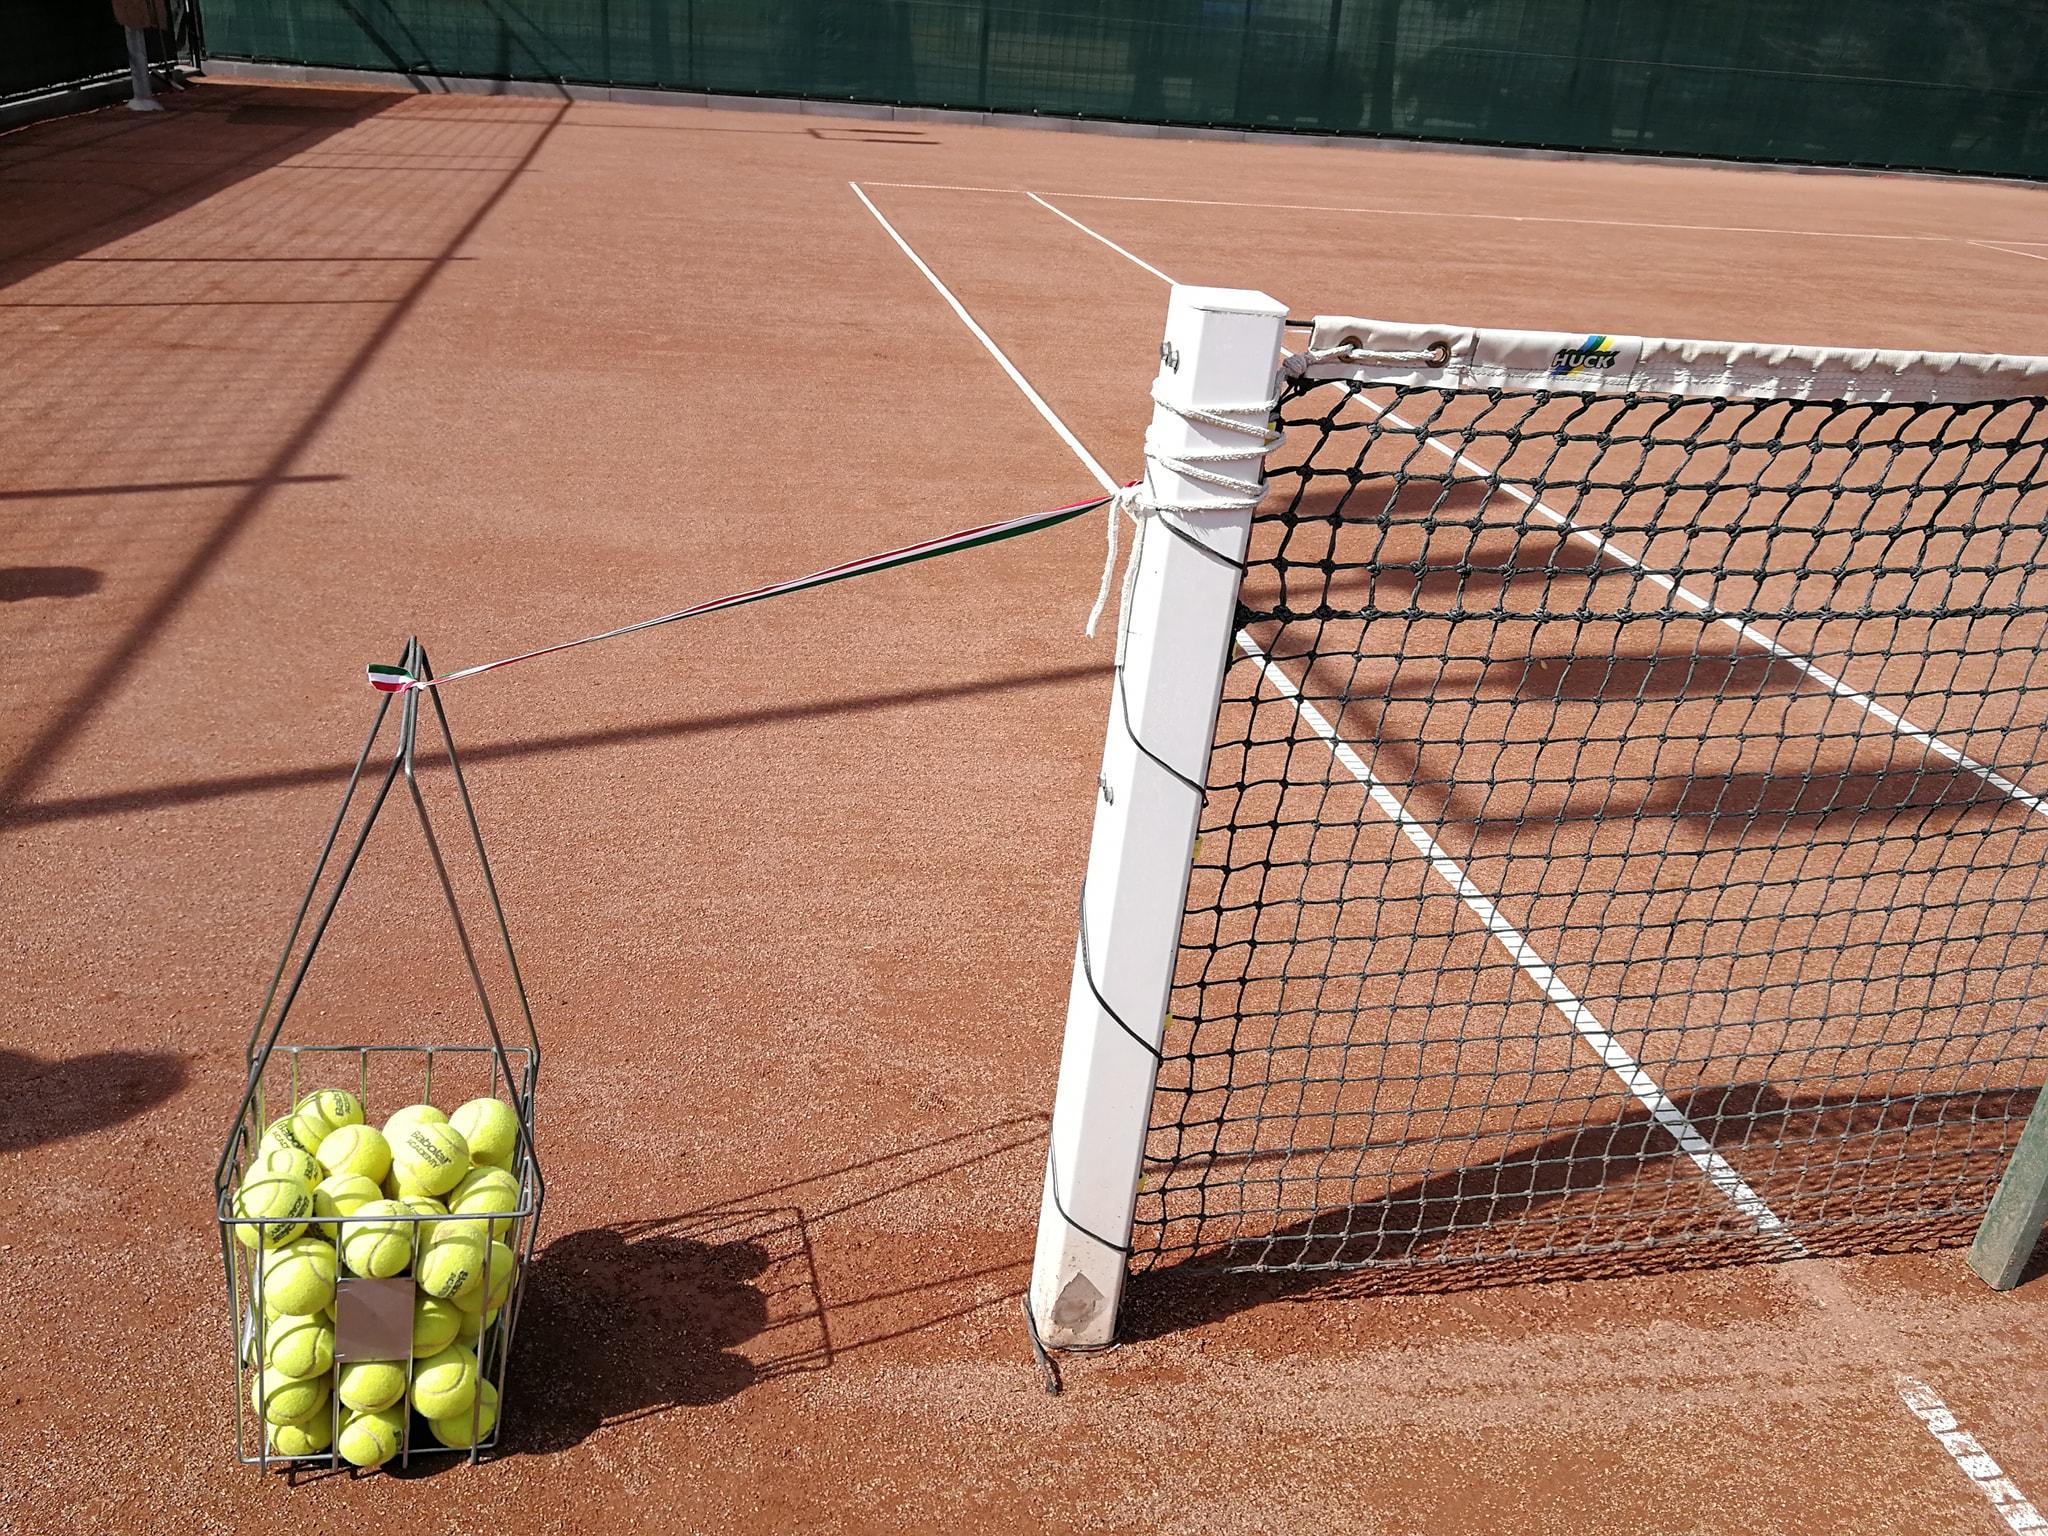 2019. április 8-tól bérelhető a salakos teniszpálya is! További információ a képre kattintva tekinthető meg.